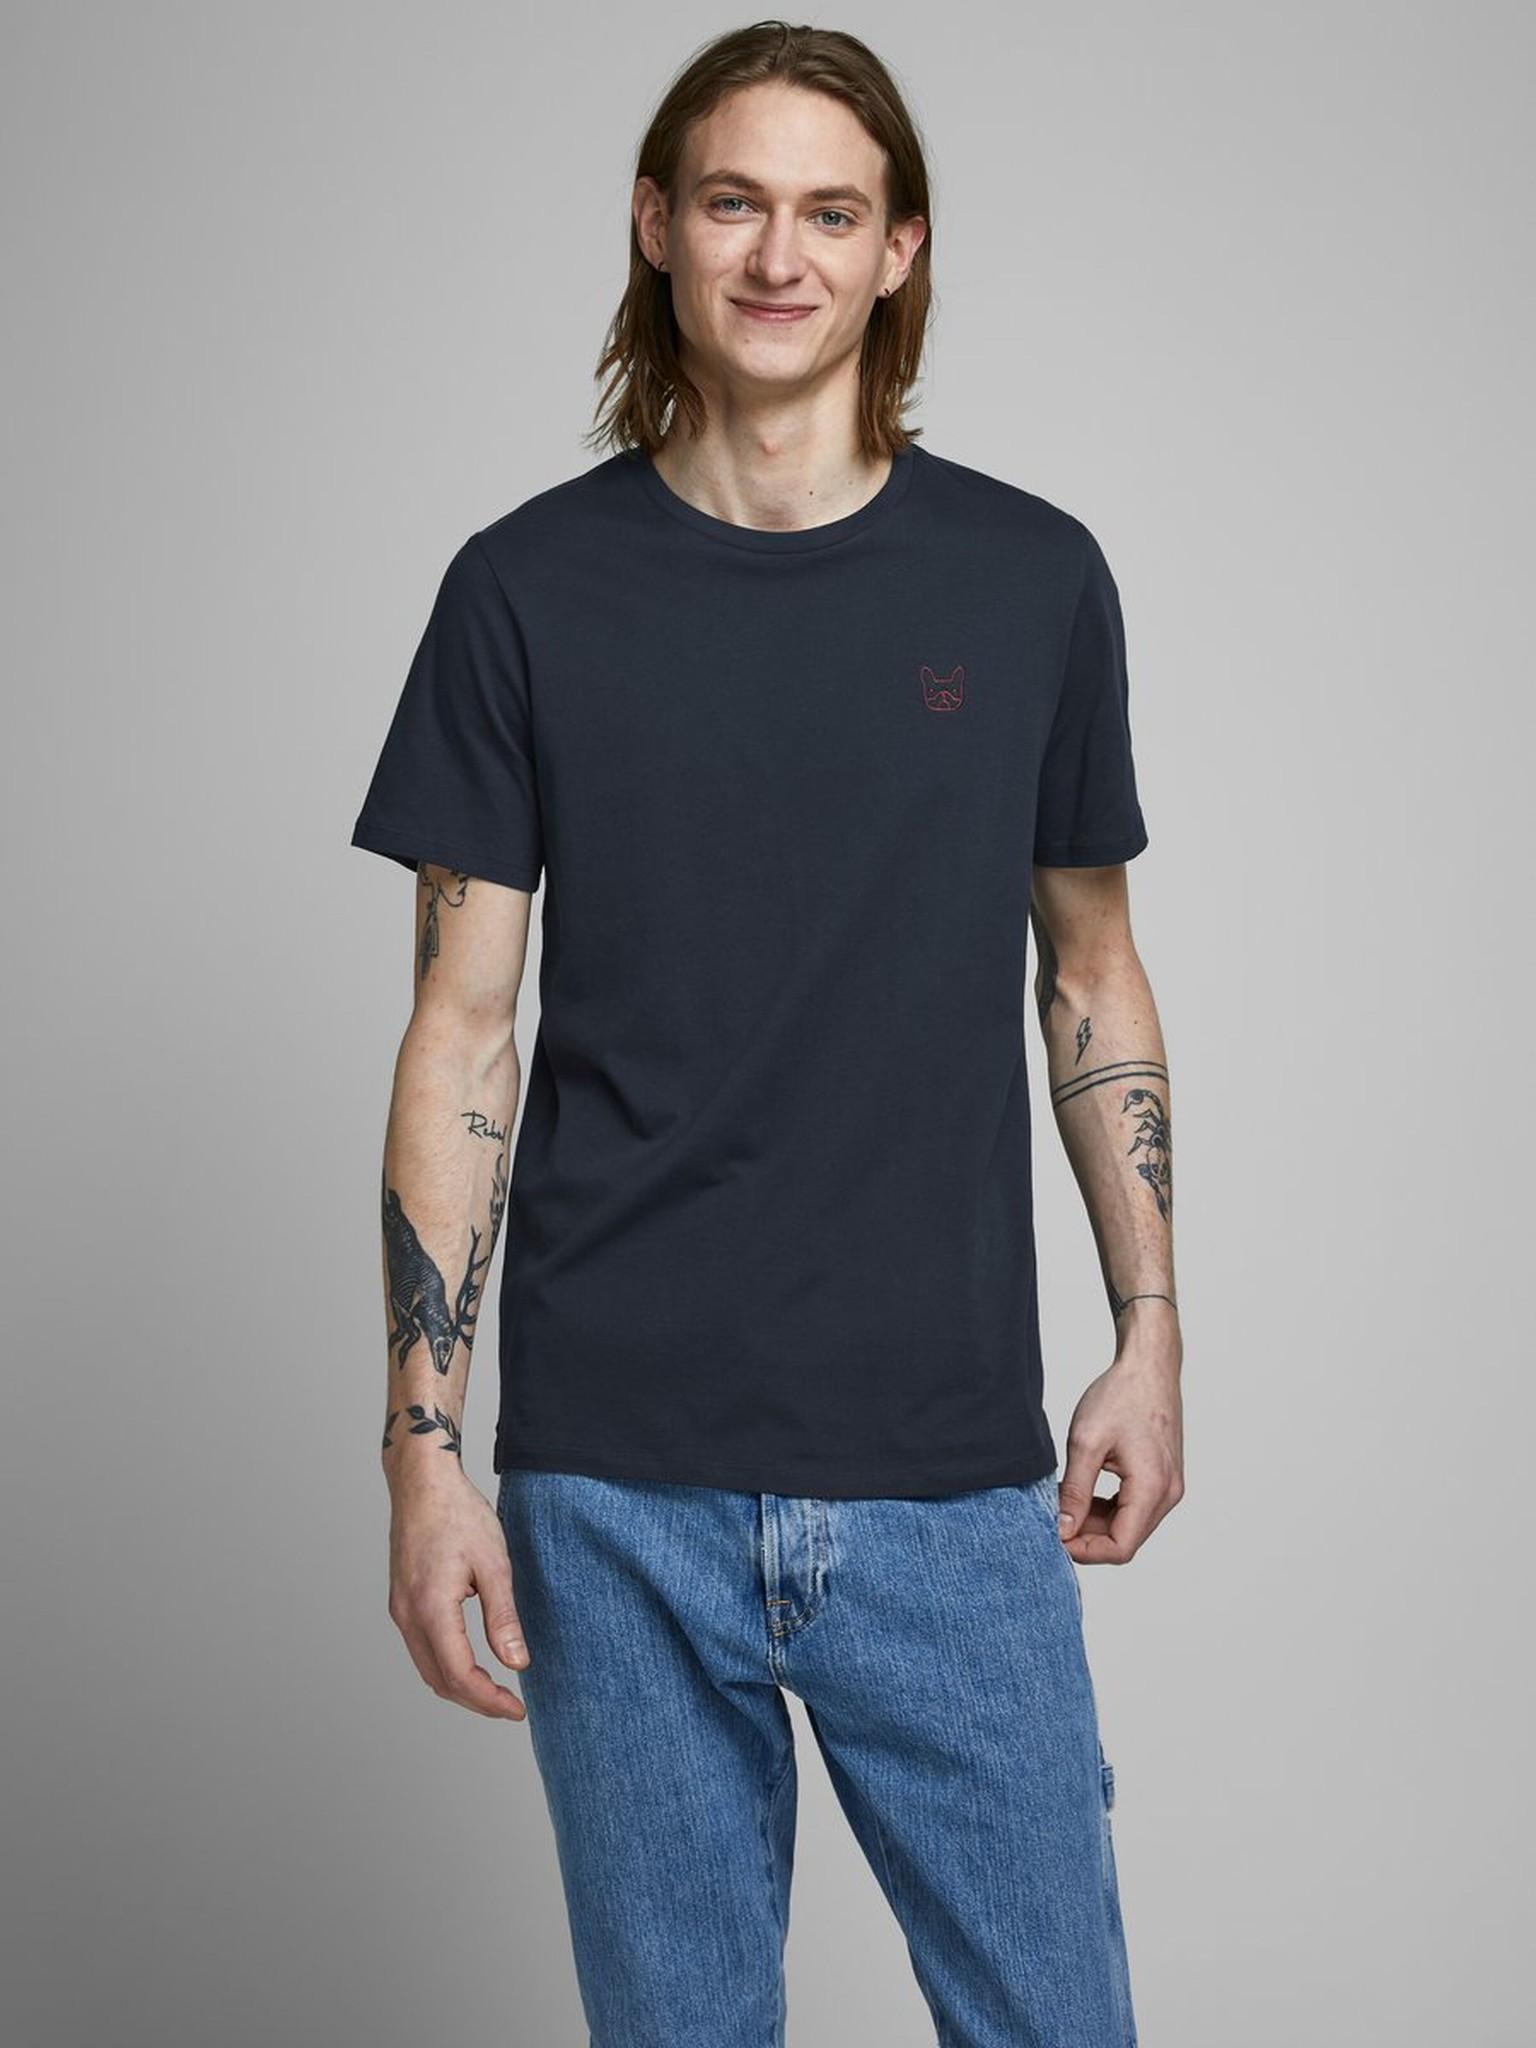 JACK & JONES coton biologique t shirt-1